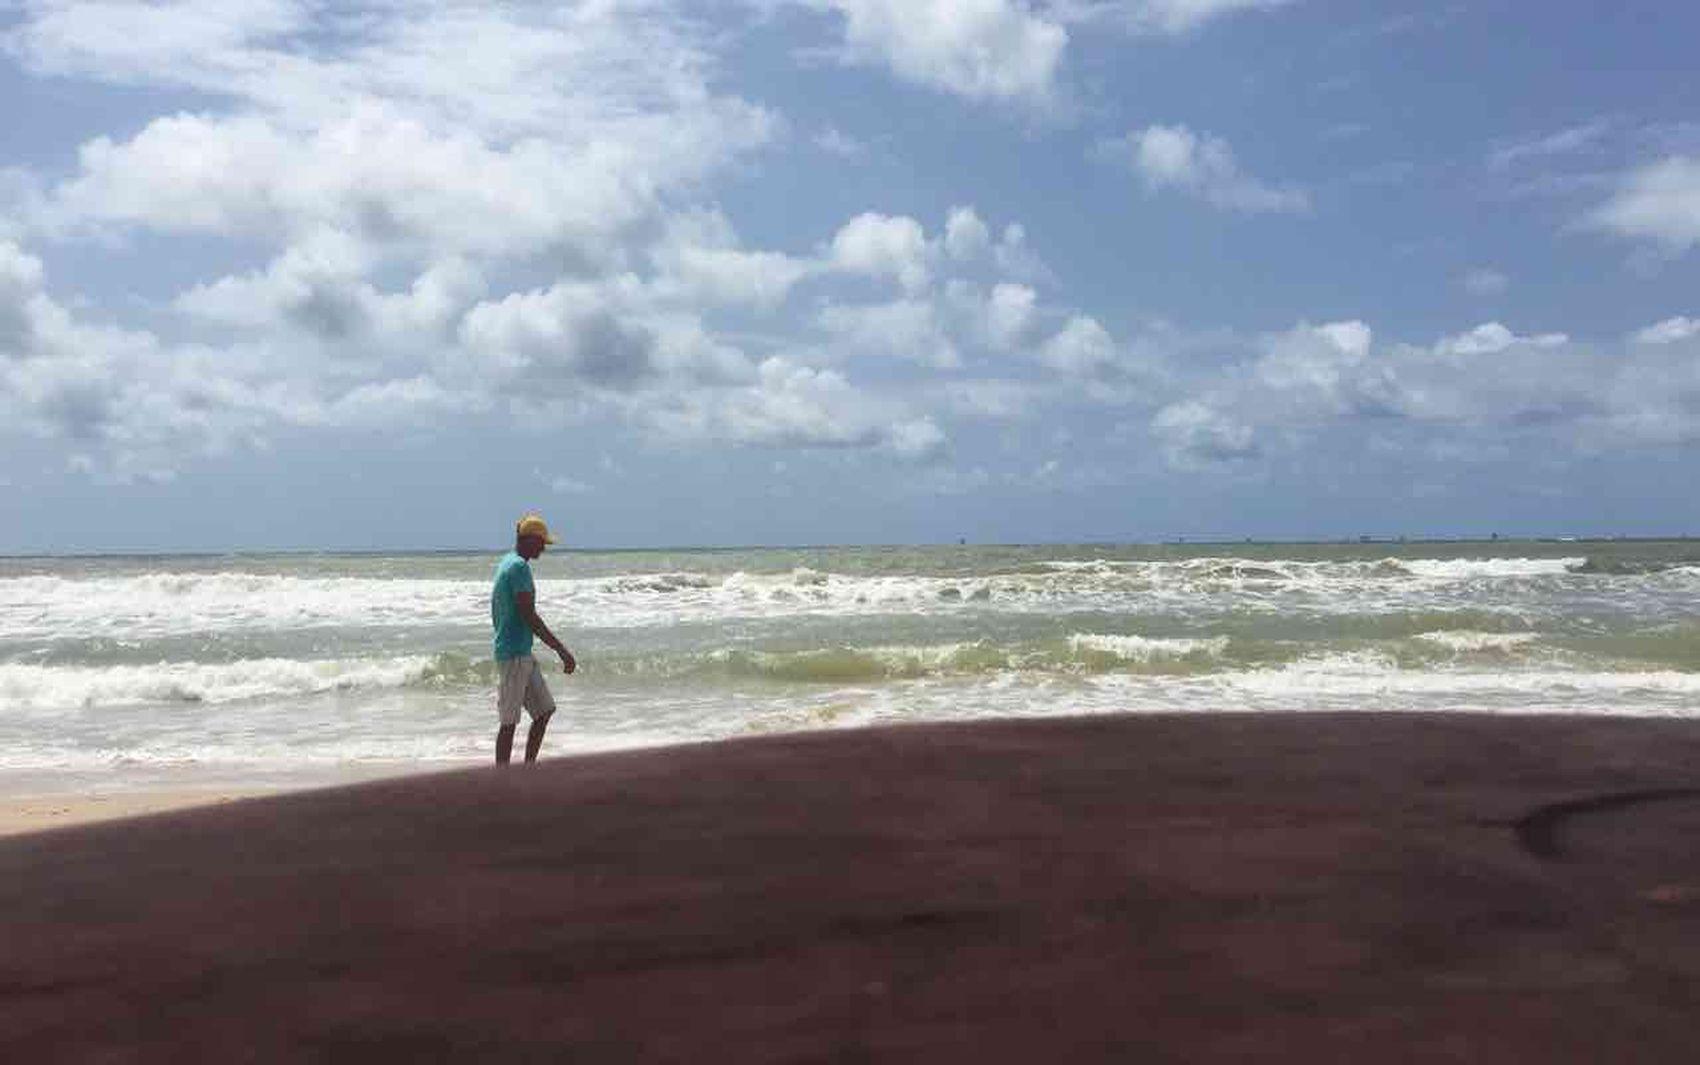 Todas as praias de Sergipe estão liberadas para o banho, diz Adema - Notícias - Plantão Diário